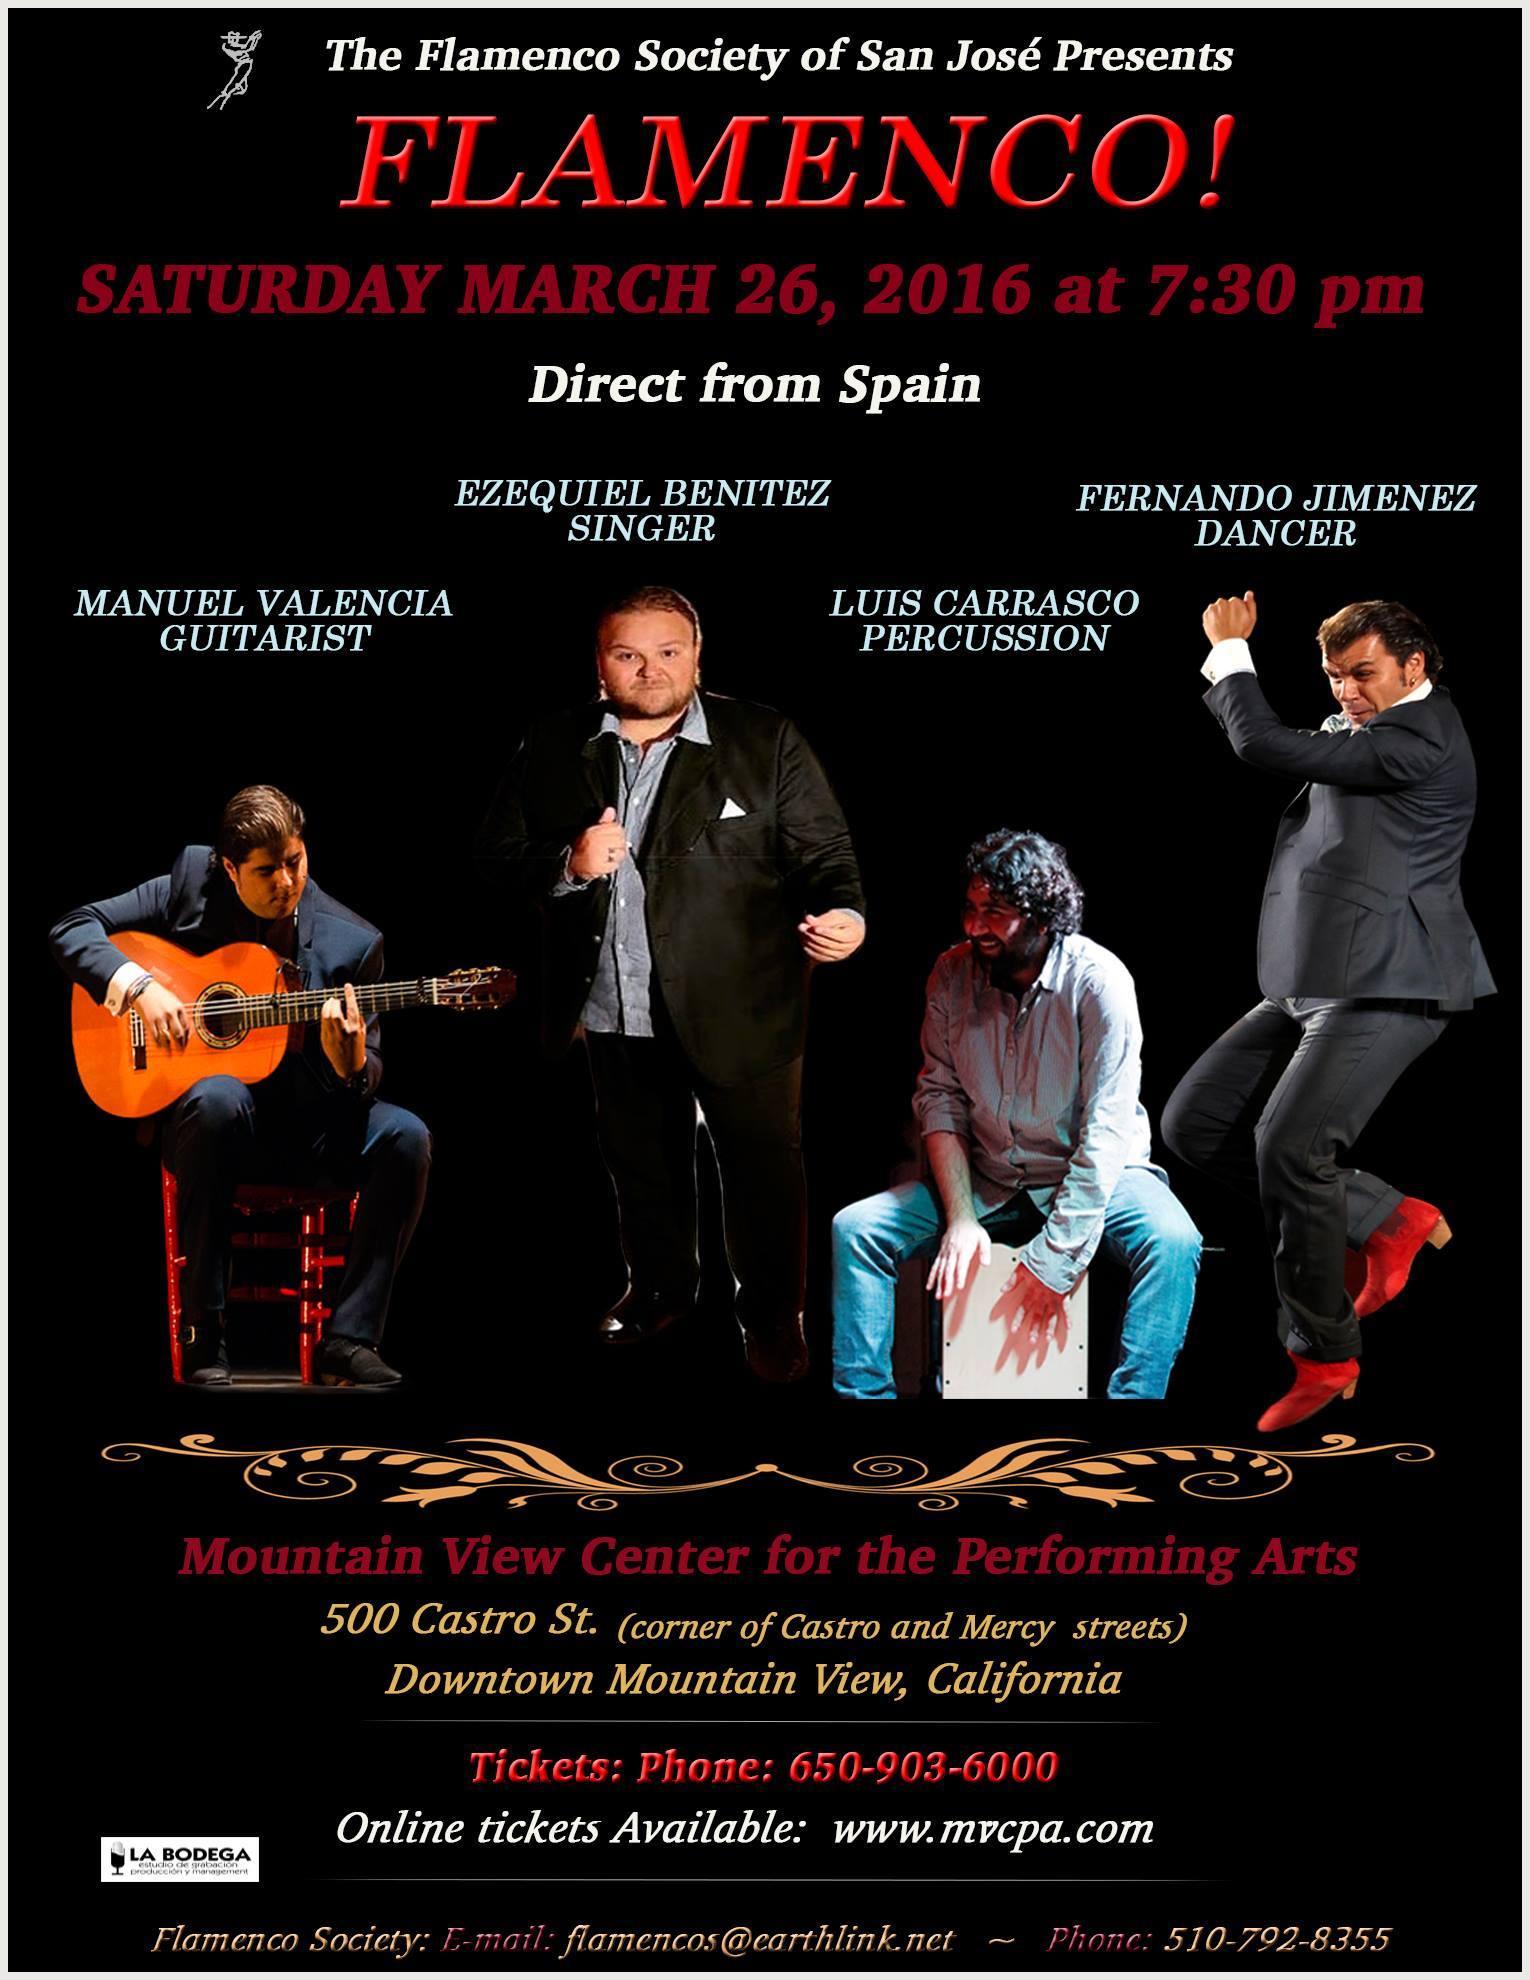 https://0201.nccdn.net/1_2/000/000/183/923/flamenco99887-1530x1980.jpg